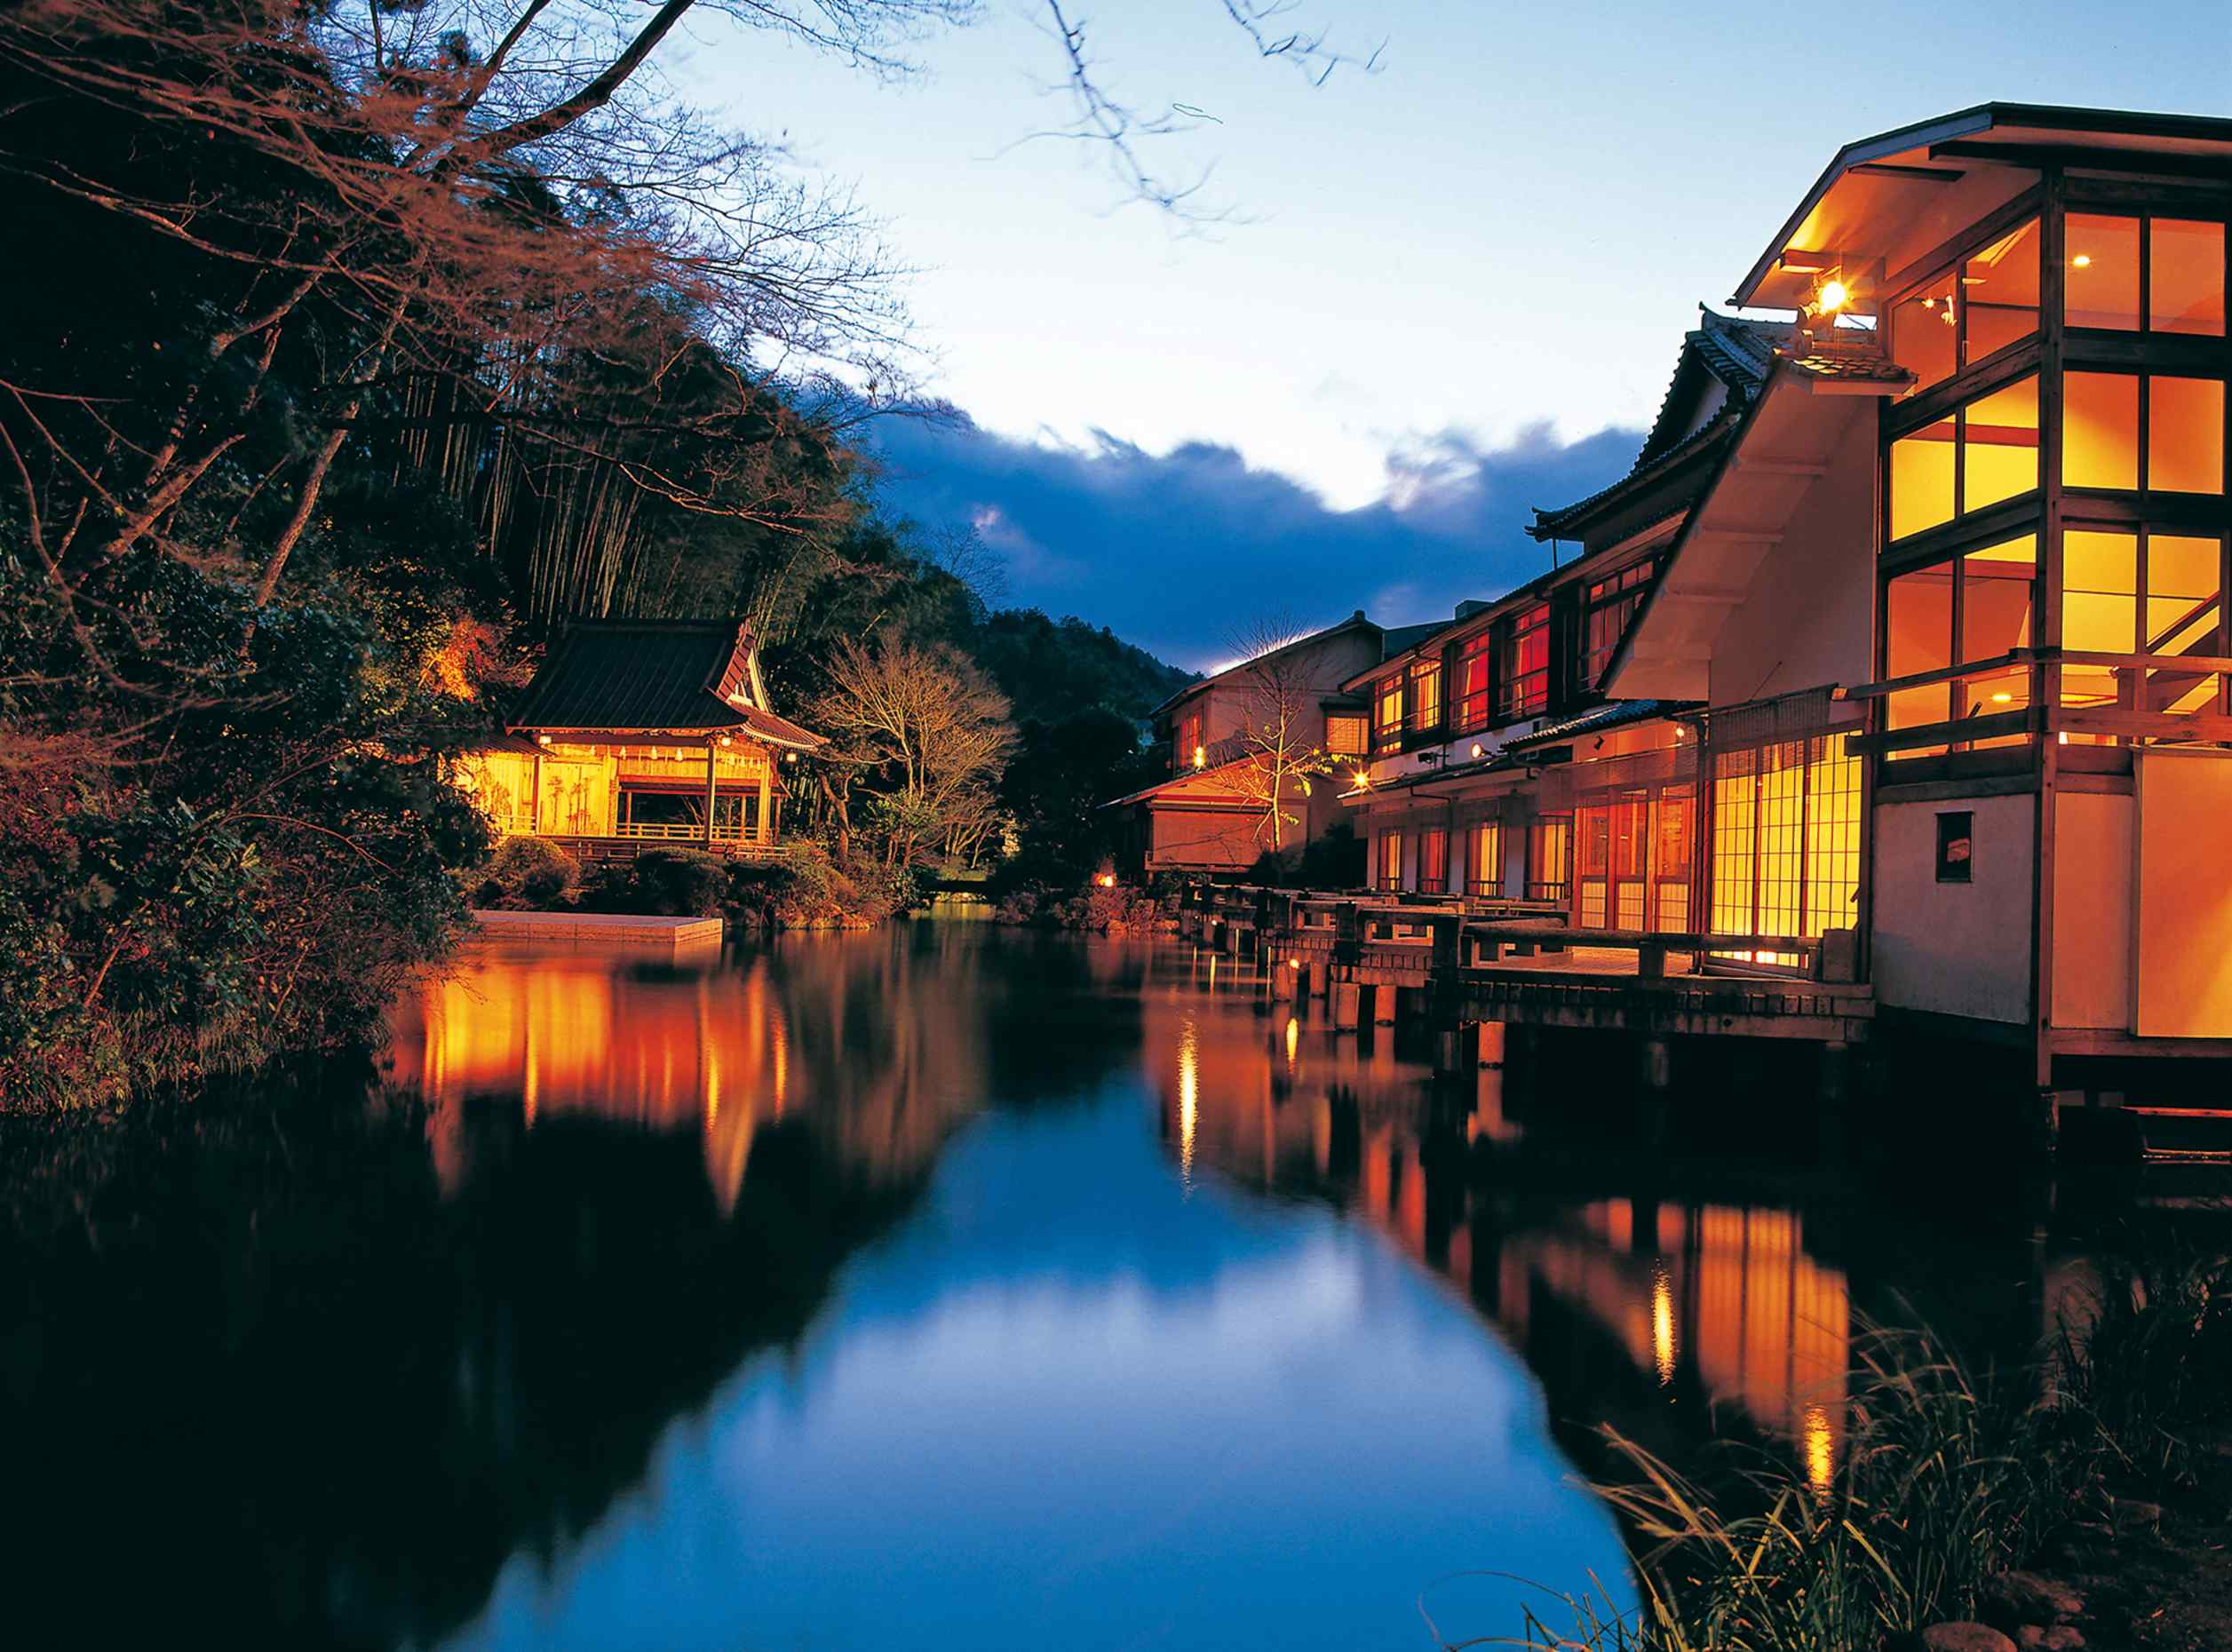 静岡県修繕寺温泉